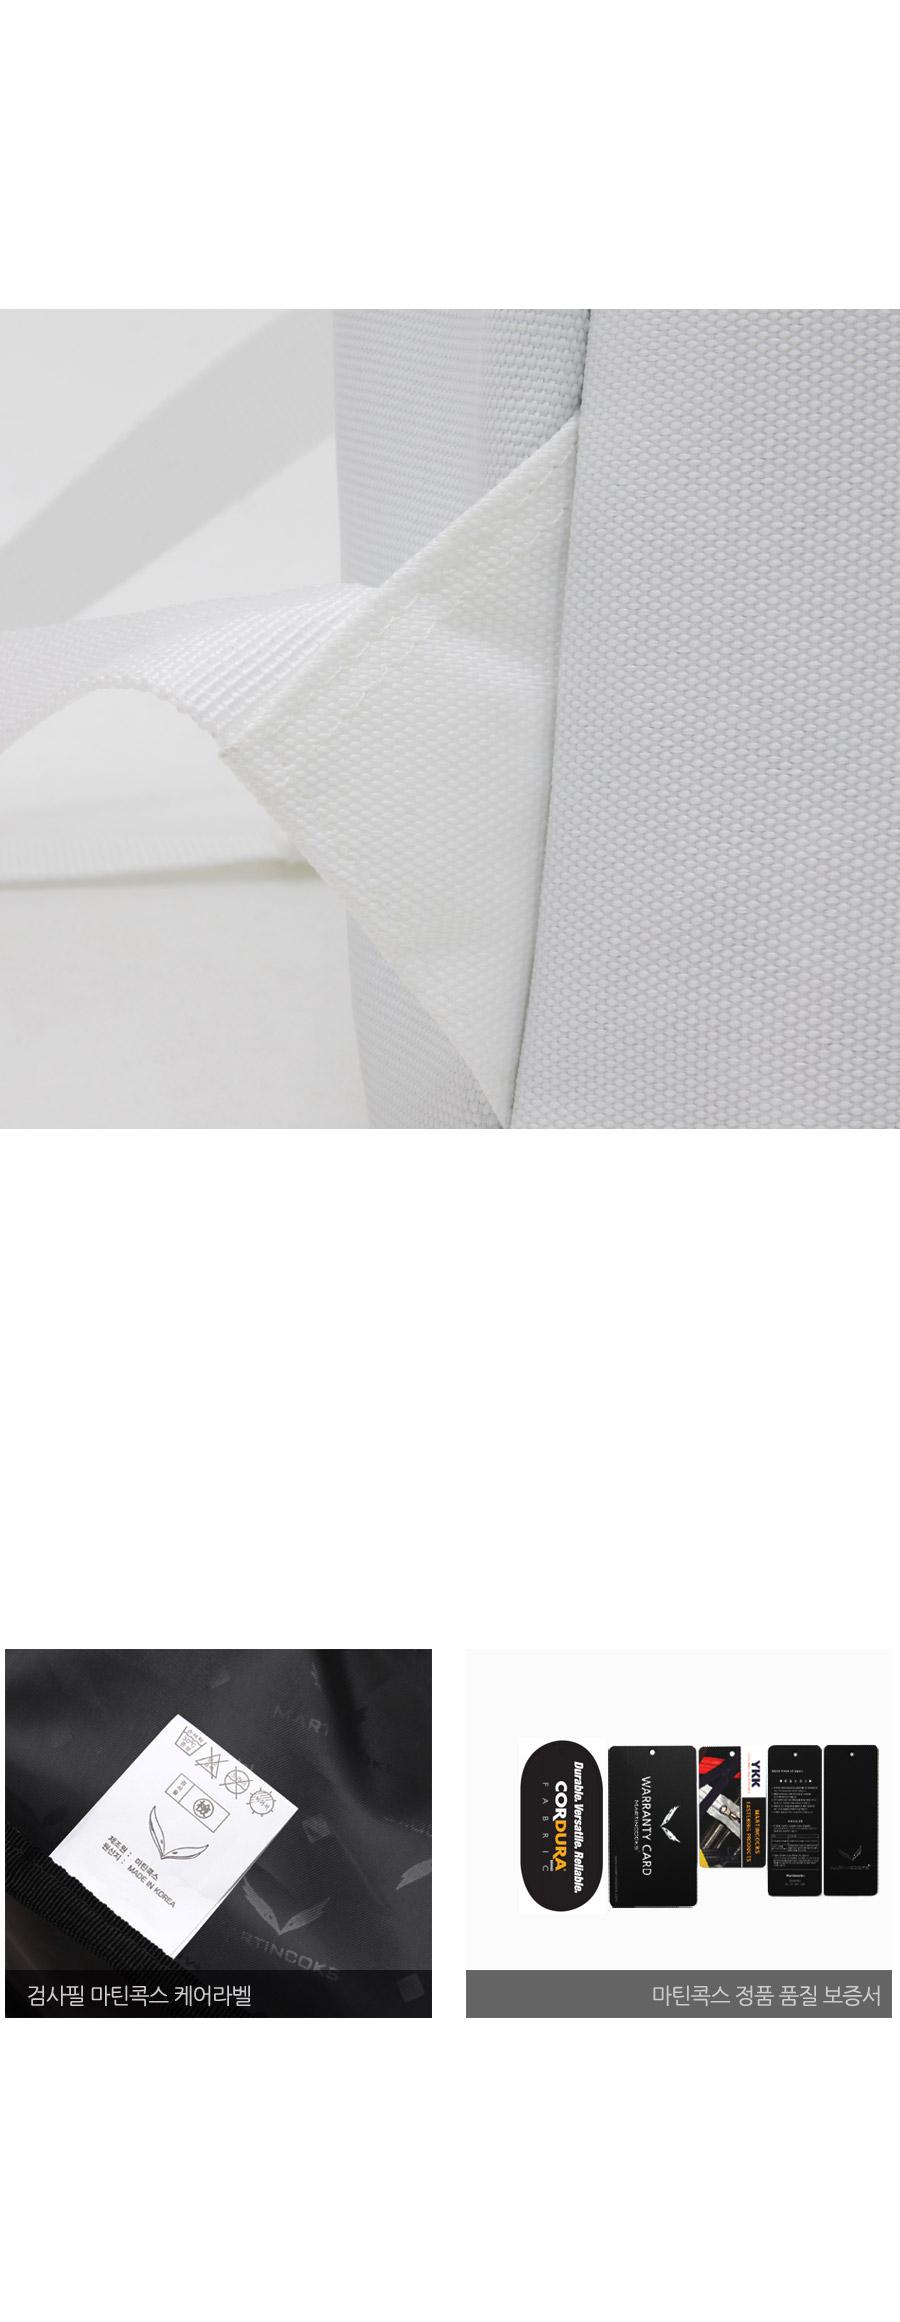 마틴콕스(MARTINCOKS) 코듀라 뉴베이직 백팩 [화이트]GP-CO-WHITE